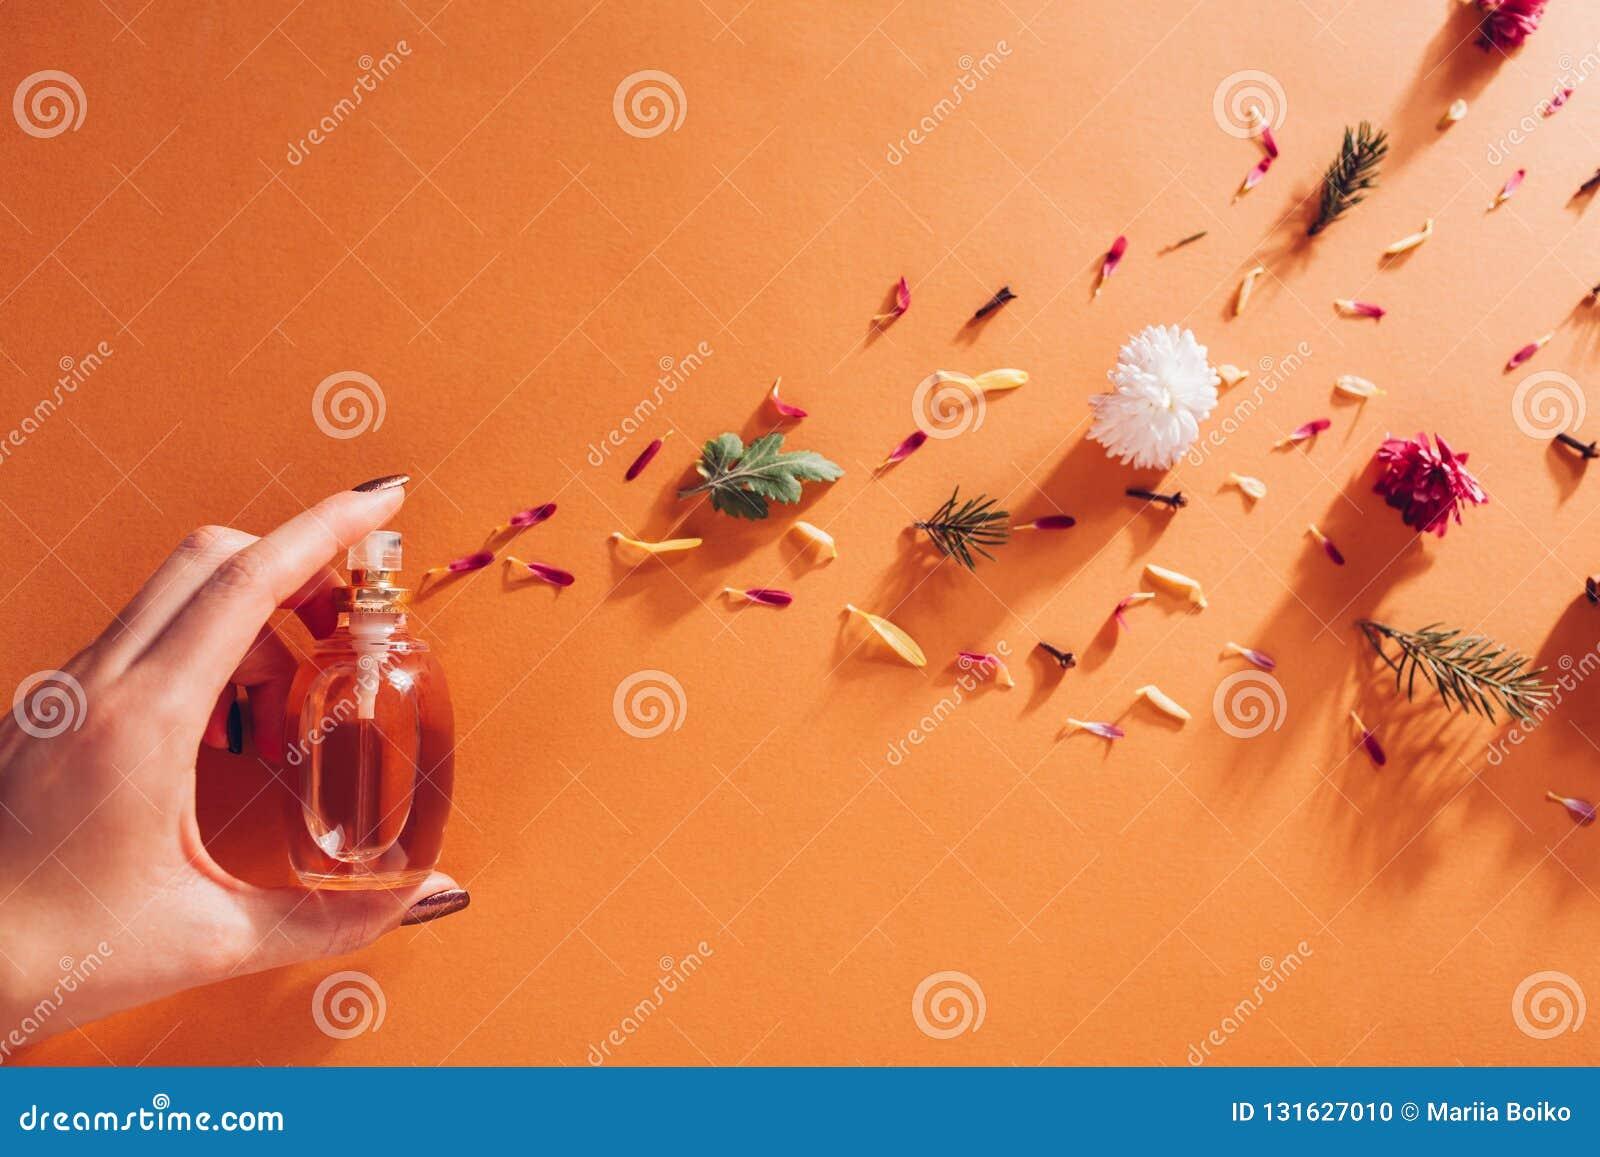 Frauenholdingflasche Parfüm mit Bestandteilen Duft von Blumen, von Gewürzen, von Kräutern und von Tannenbaum auf orange Hintergru